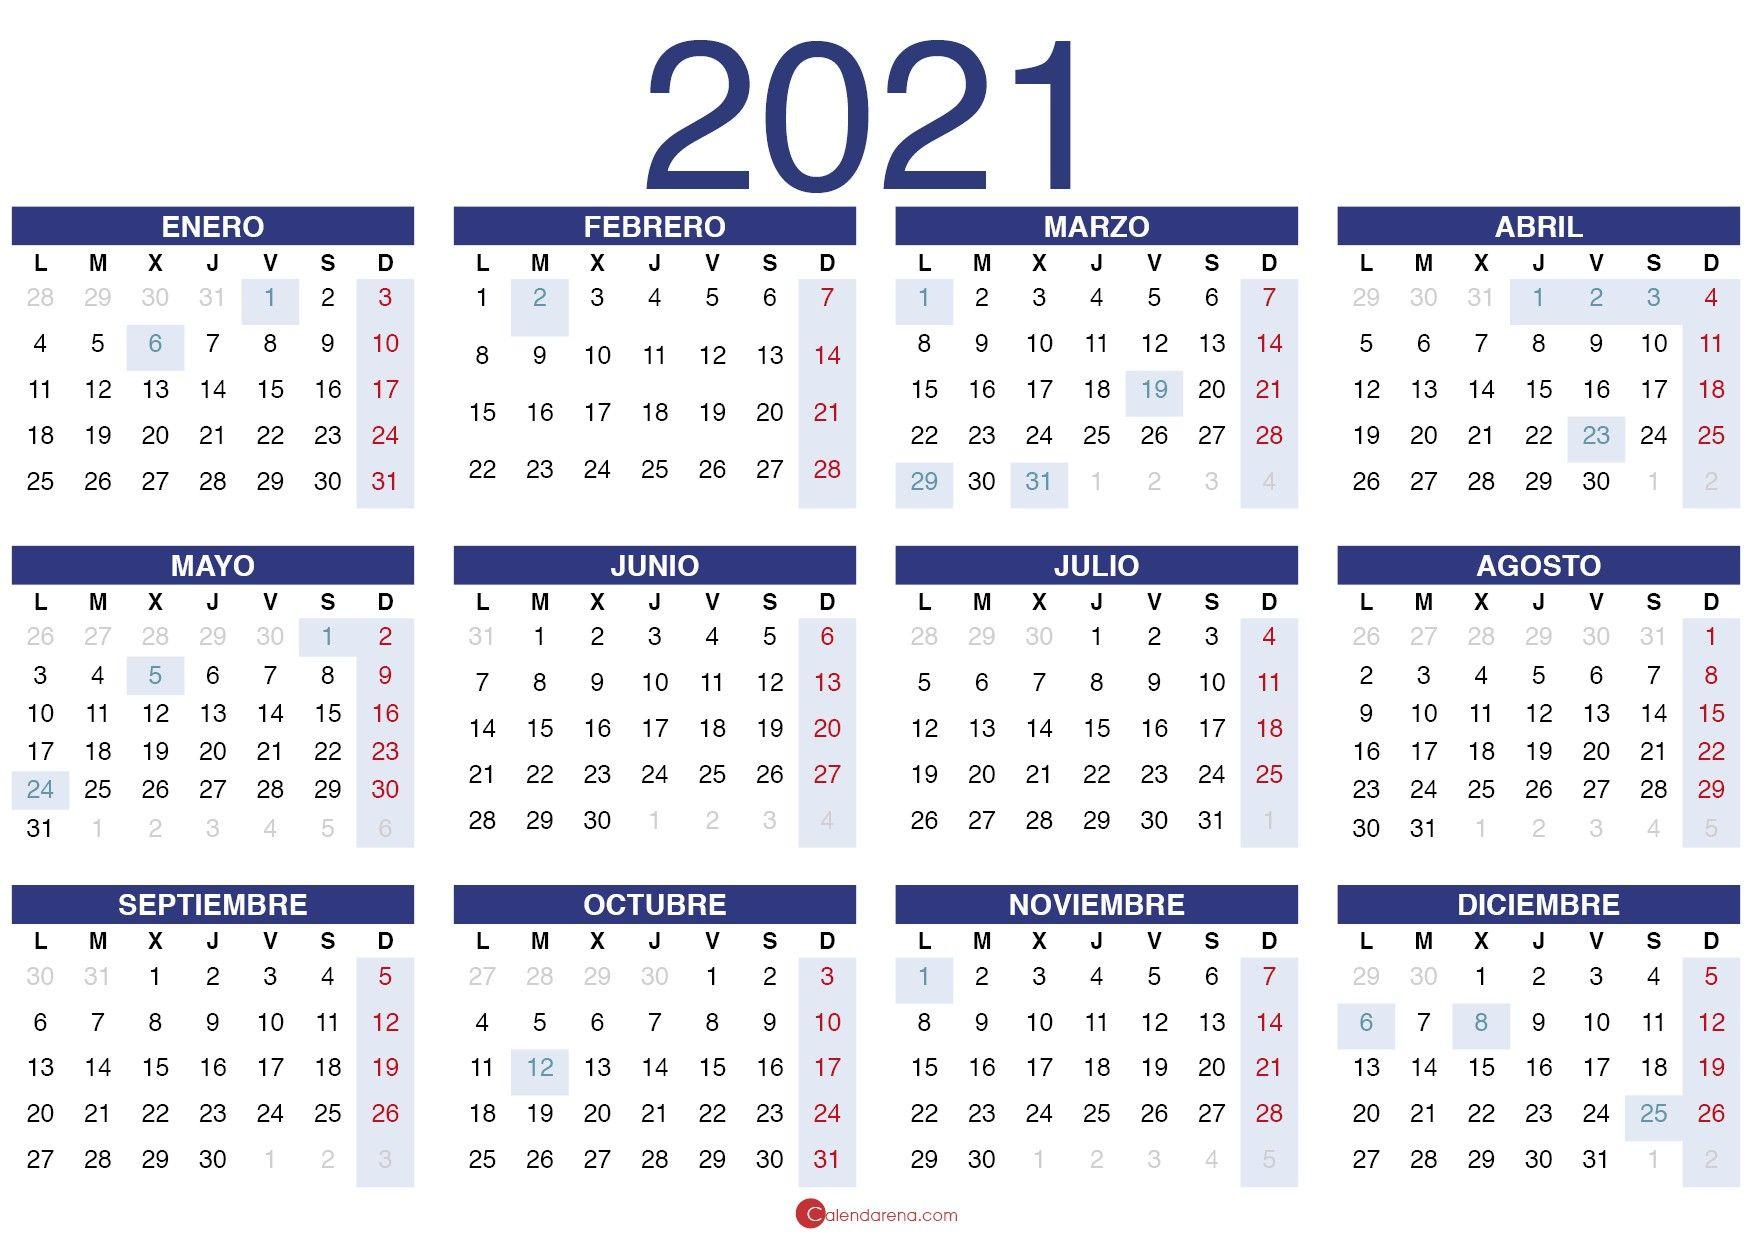 Calendario 2021 Pdf Calendario Para Imprimir Gratis Plantilla De Calendario Para Imprimir Calendario En Blanco